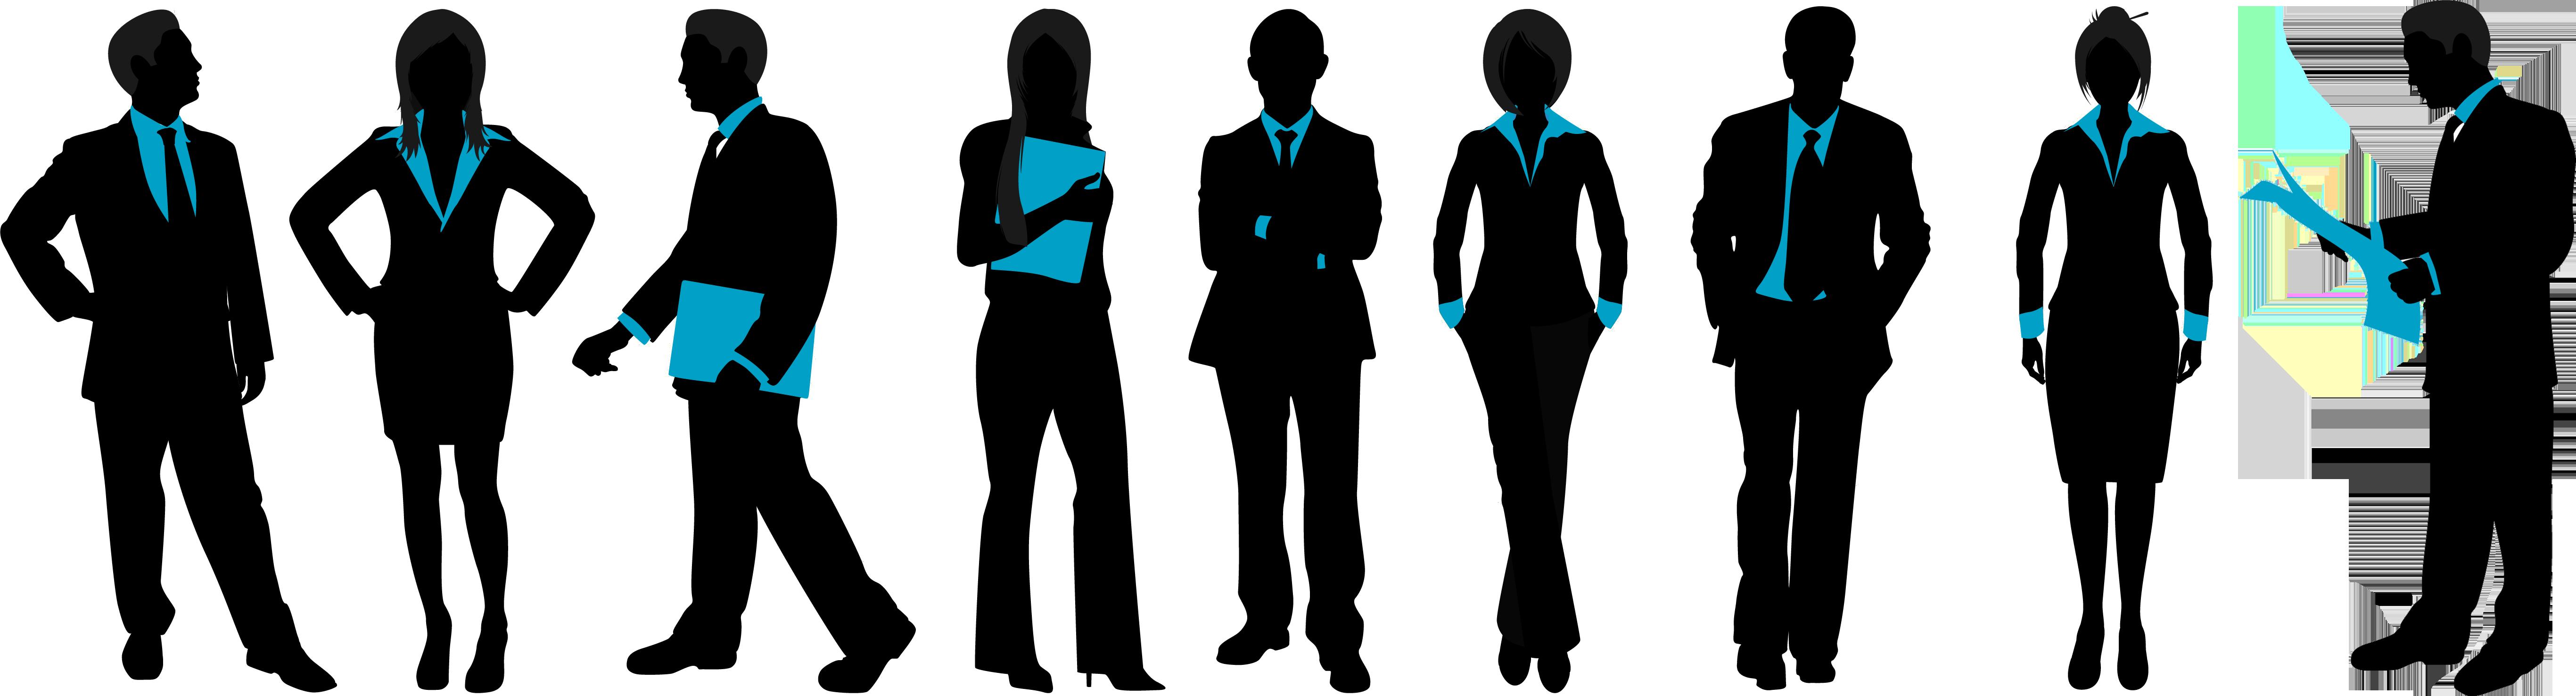 Des professionnels au service d une meilleure gouvernance for Services aux entreprises qui marchent